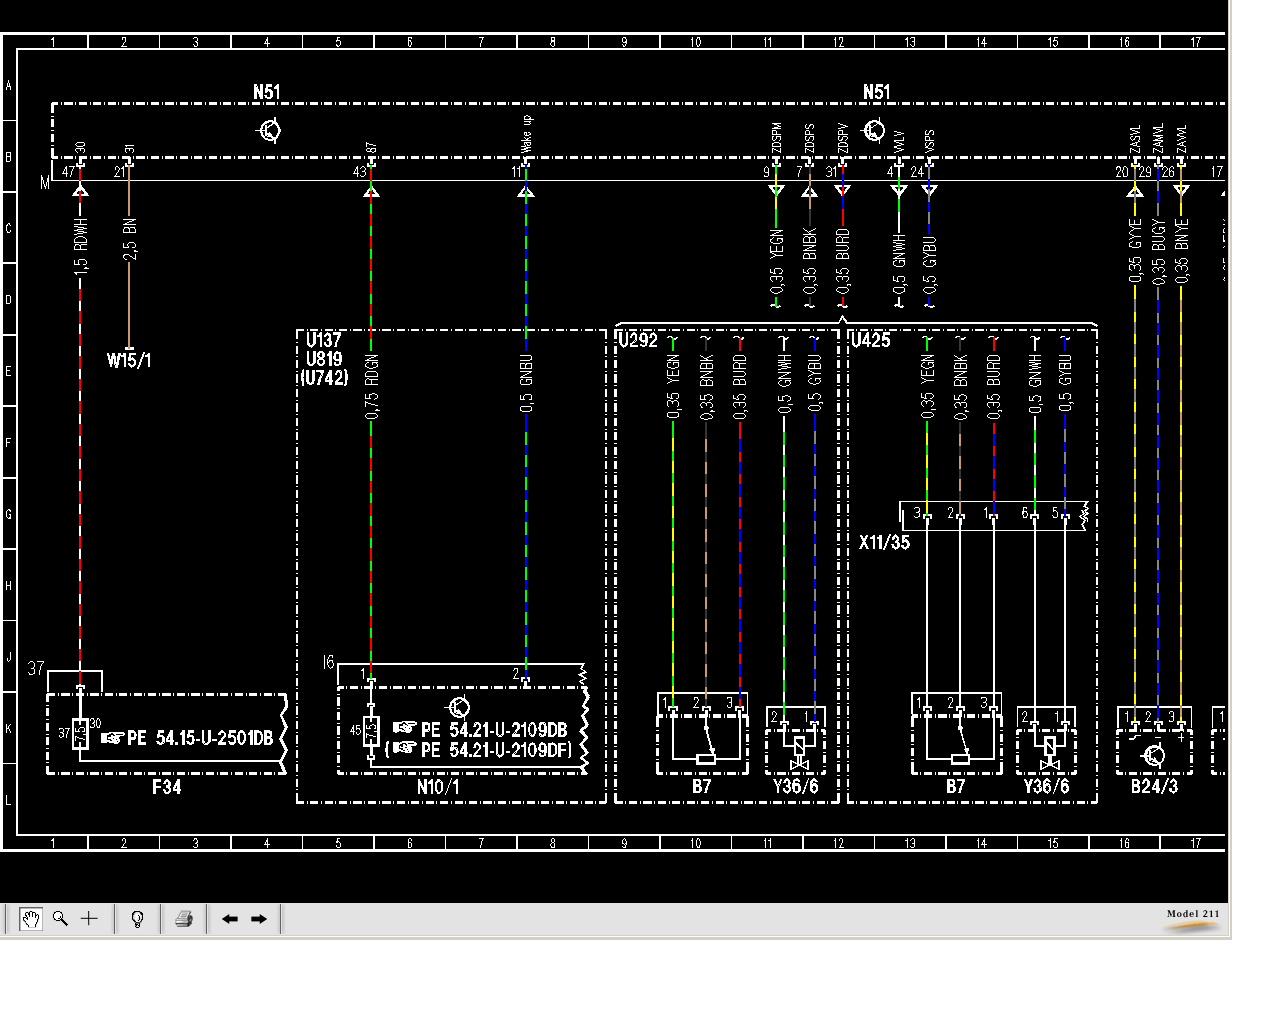 ksport air suspension wiring diagram online wiring diagramksport air suspension wiring diagram best wiring libraryksport air suspension wiring diagram wire center \\\\